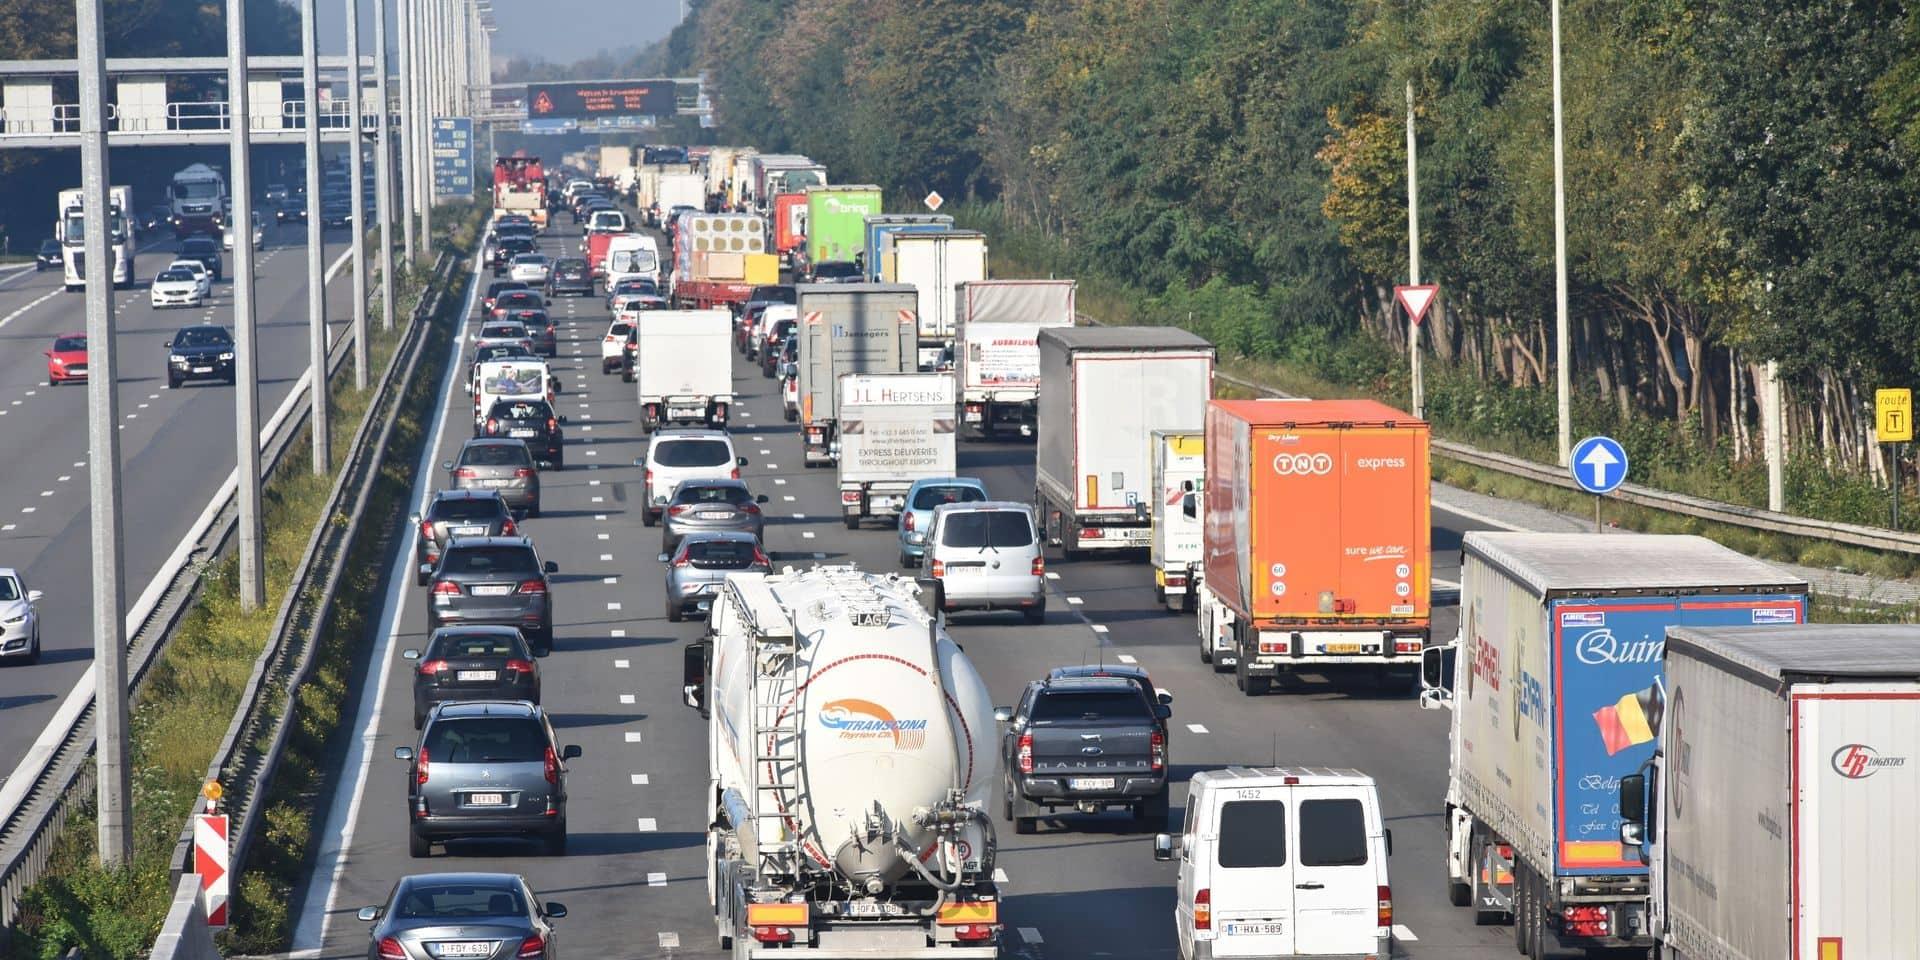 Le nombre de blessés et de tués sur les routes a baissé de plus de 20% en 2020